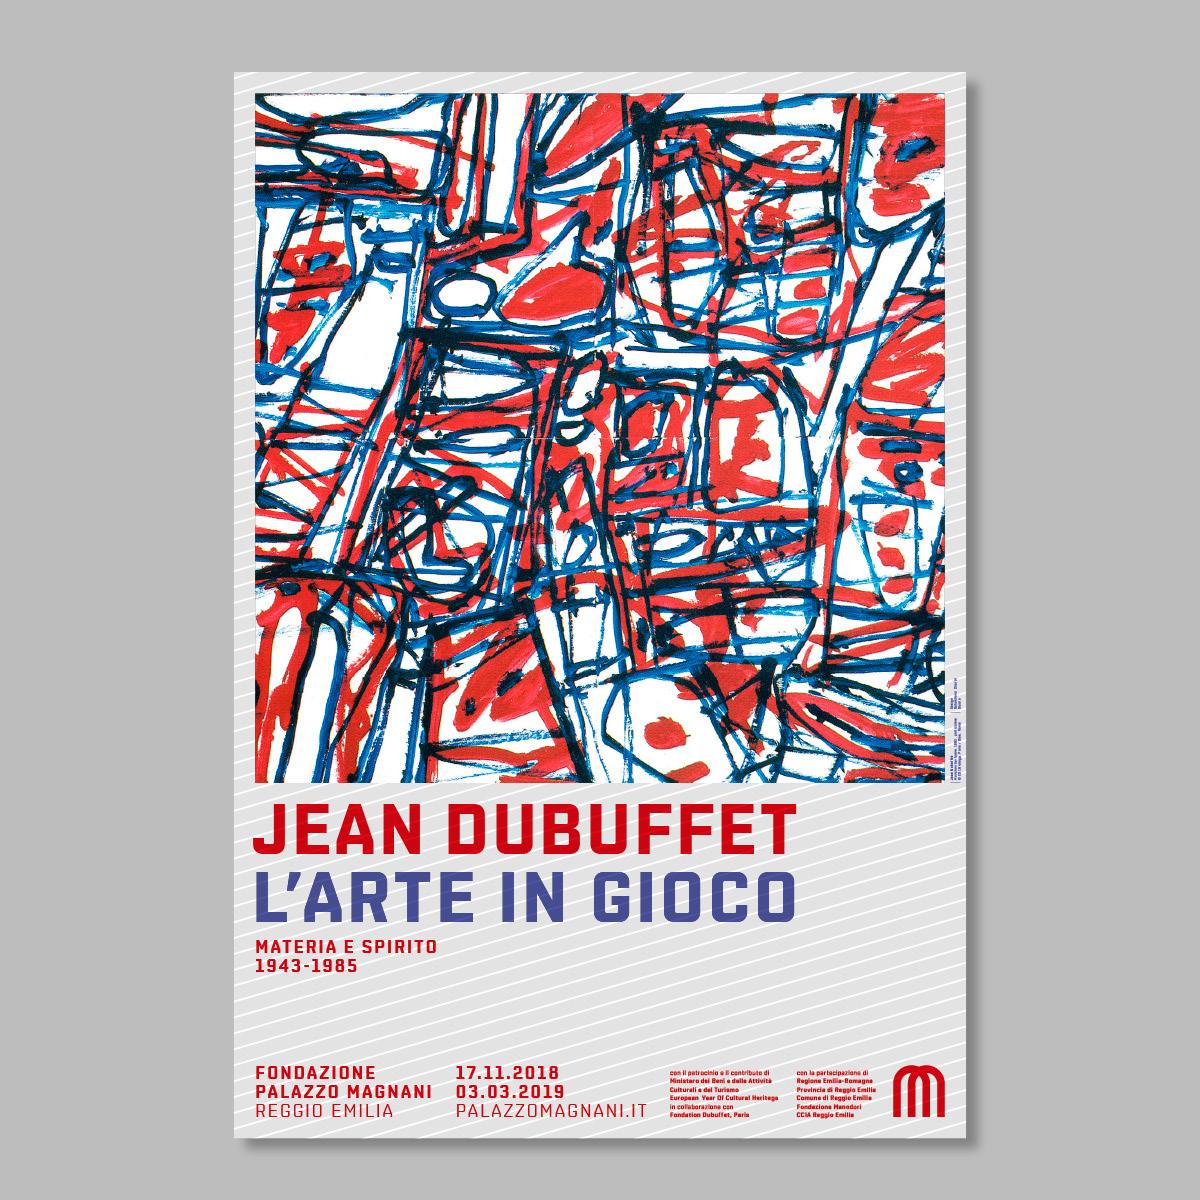 Jean-DubuffetLarte-in-gioco-003